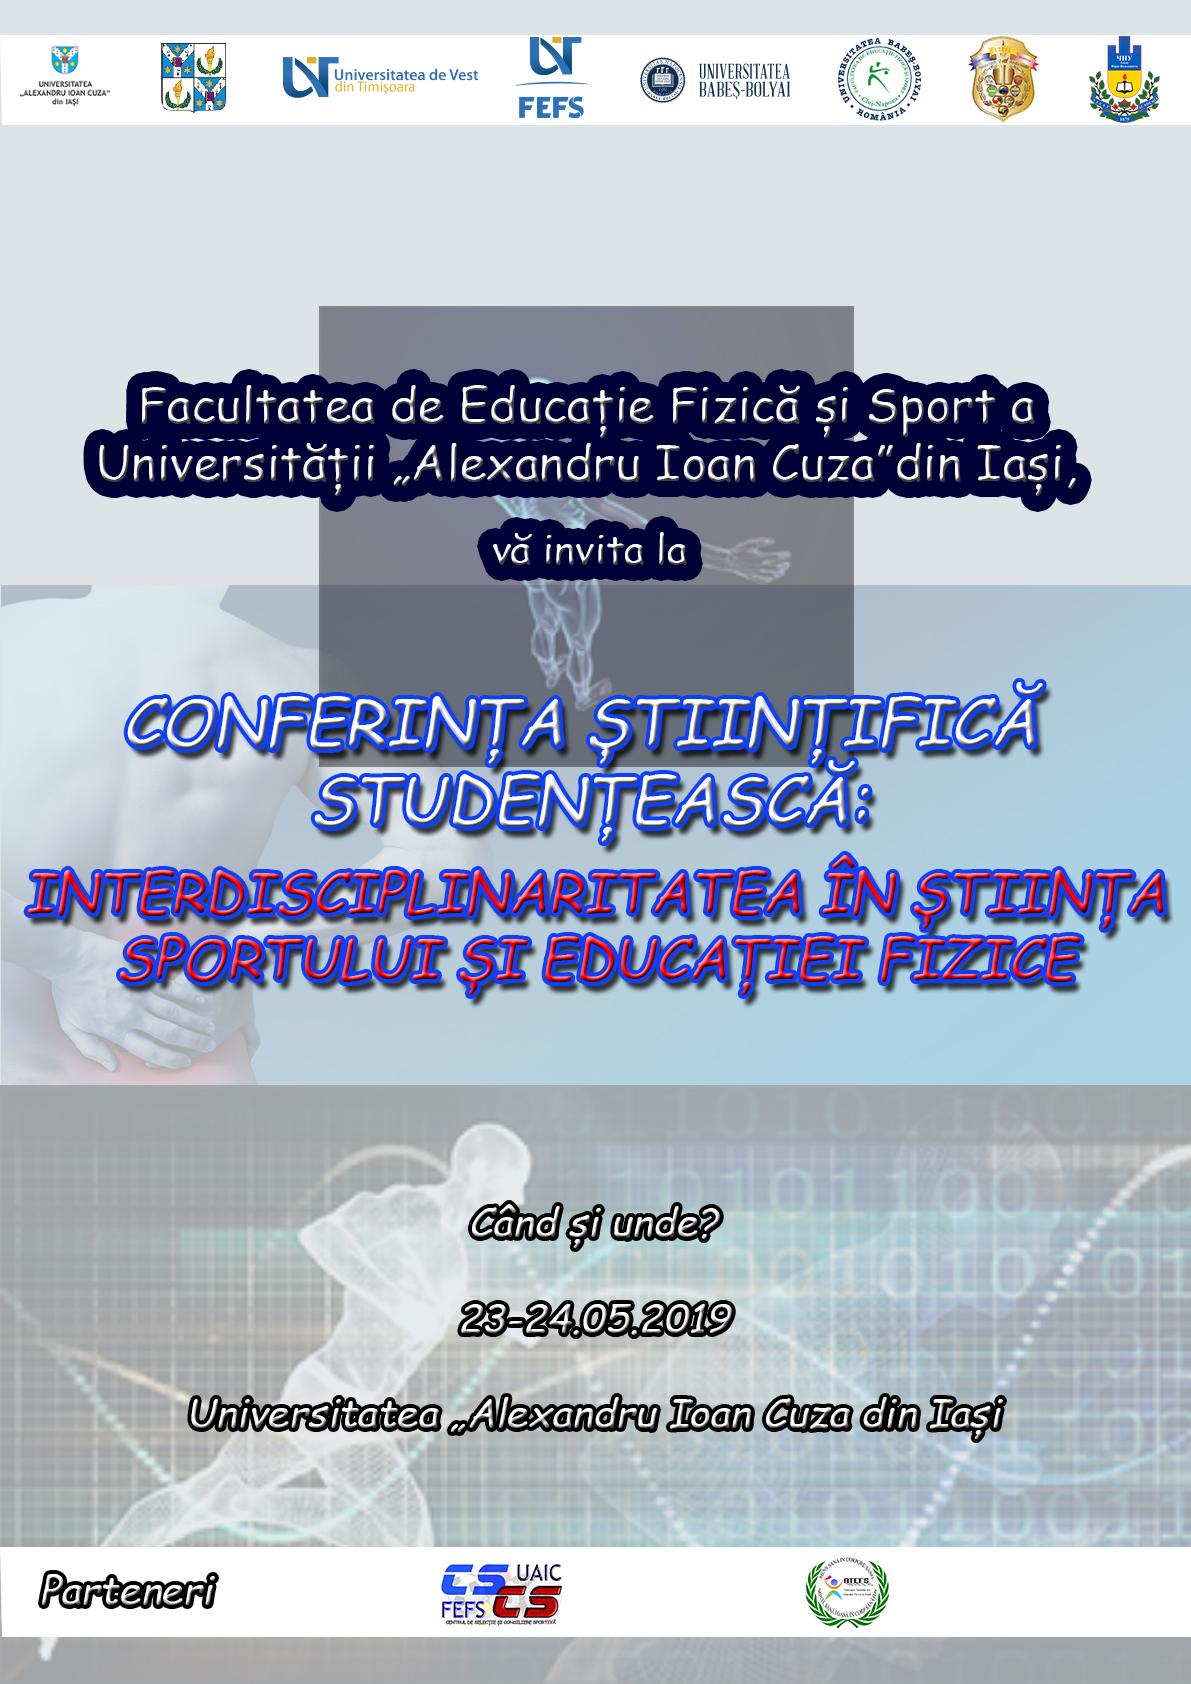 Conferința Științifică Studențescă – Interdisciplinaritatea în știința Sportului și Educației Fizice